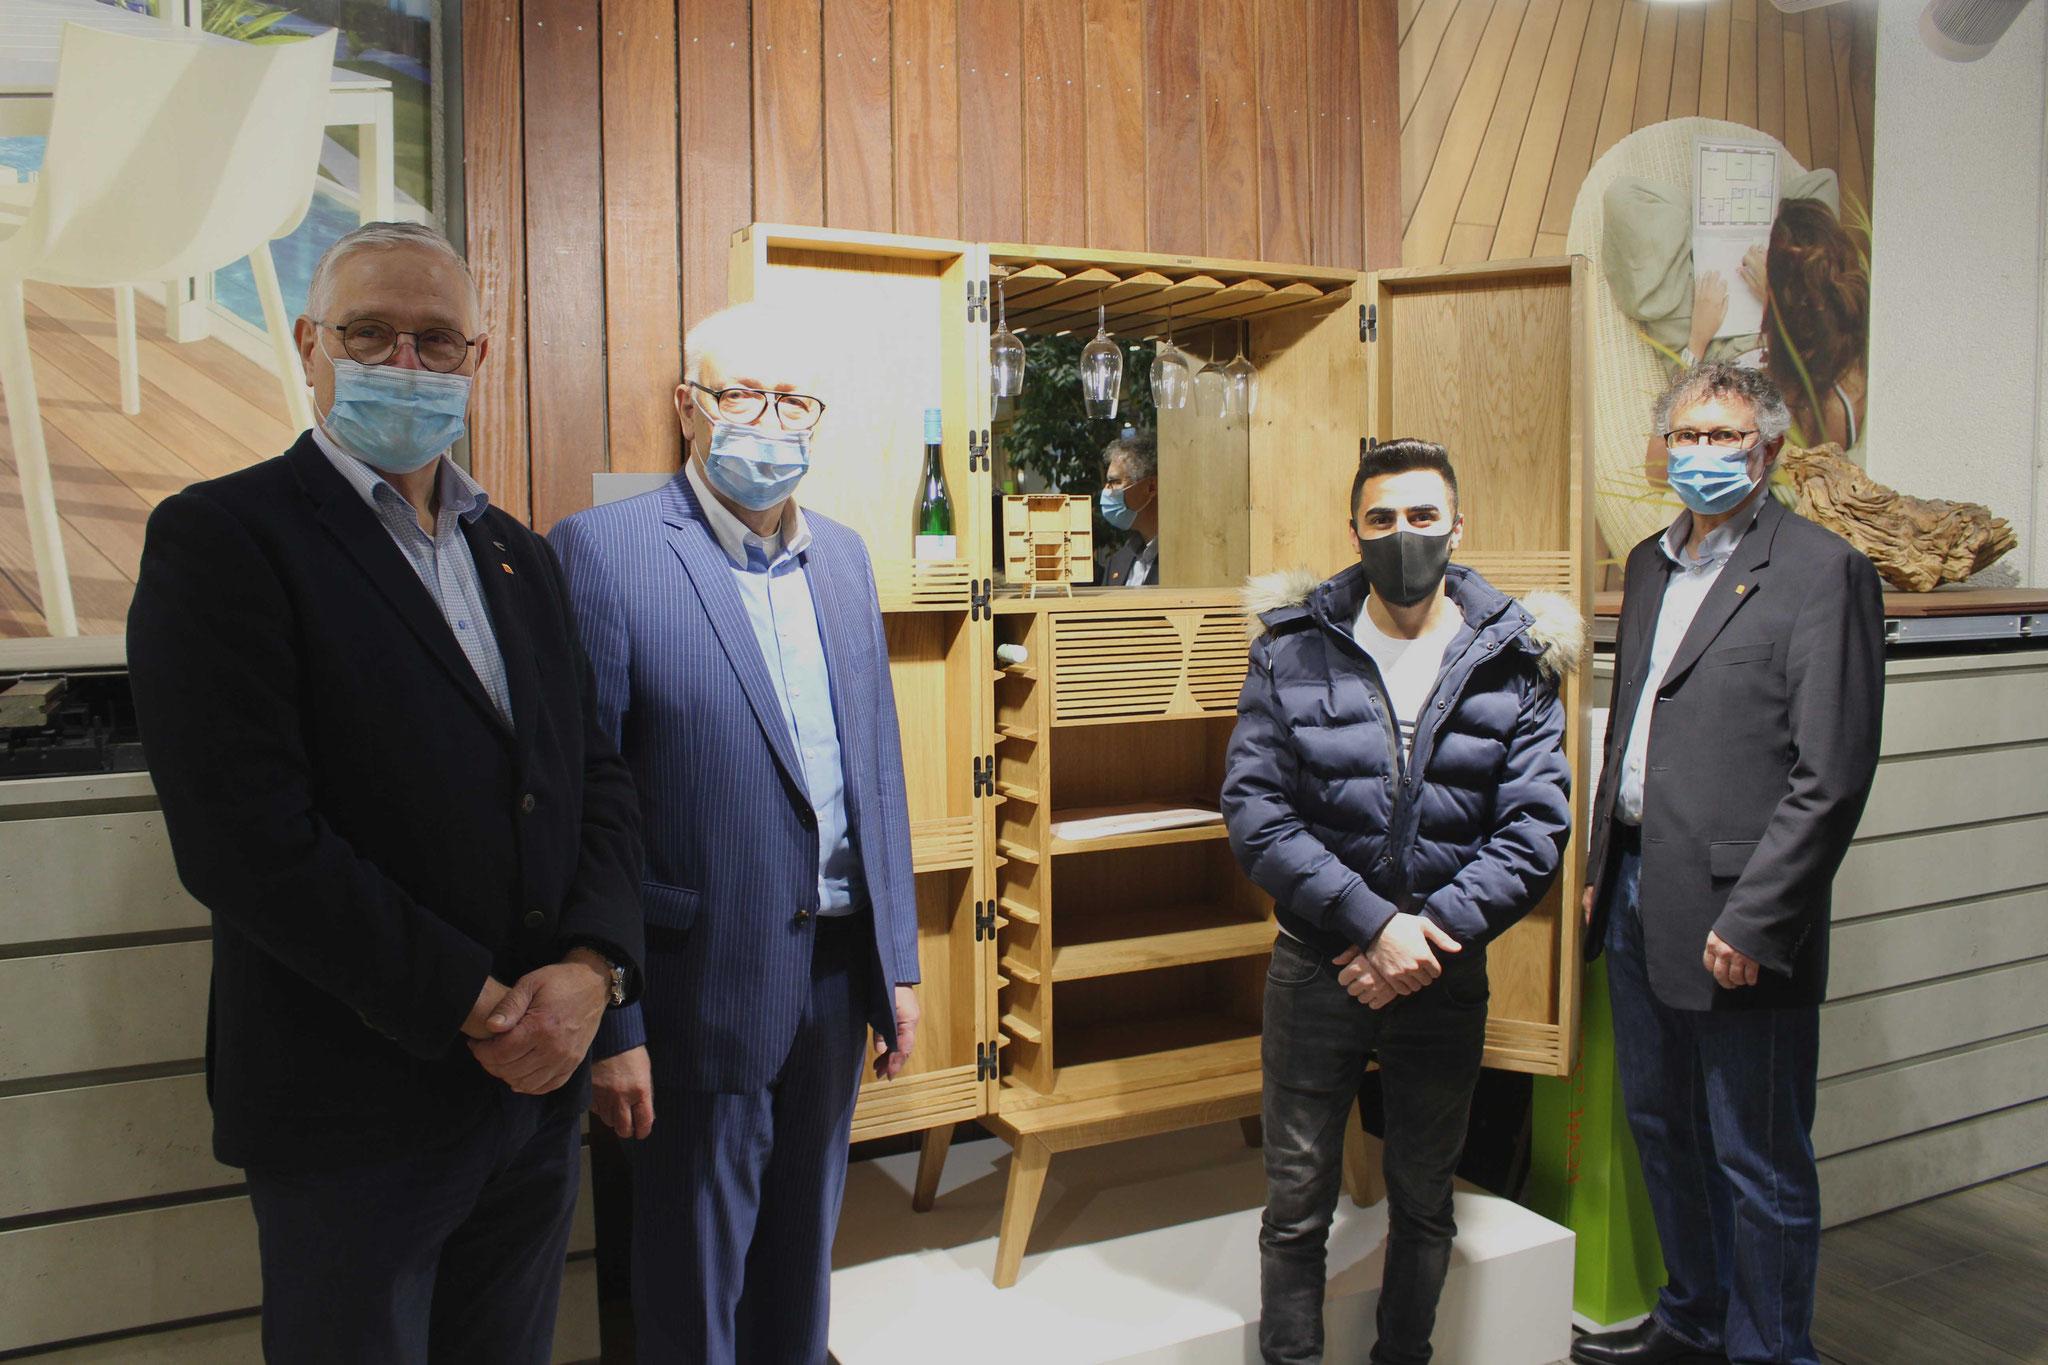 Der Dritte Mohammad Karoom (2.v.r.) zusammen mit Stefan Zock (r.), Rainer Adams (l.) und Hermann Hubing (2.v.l.).